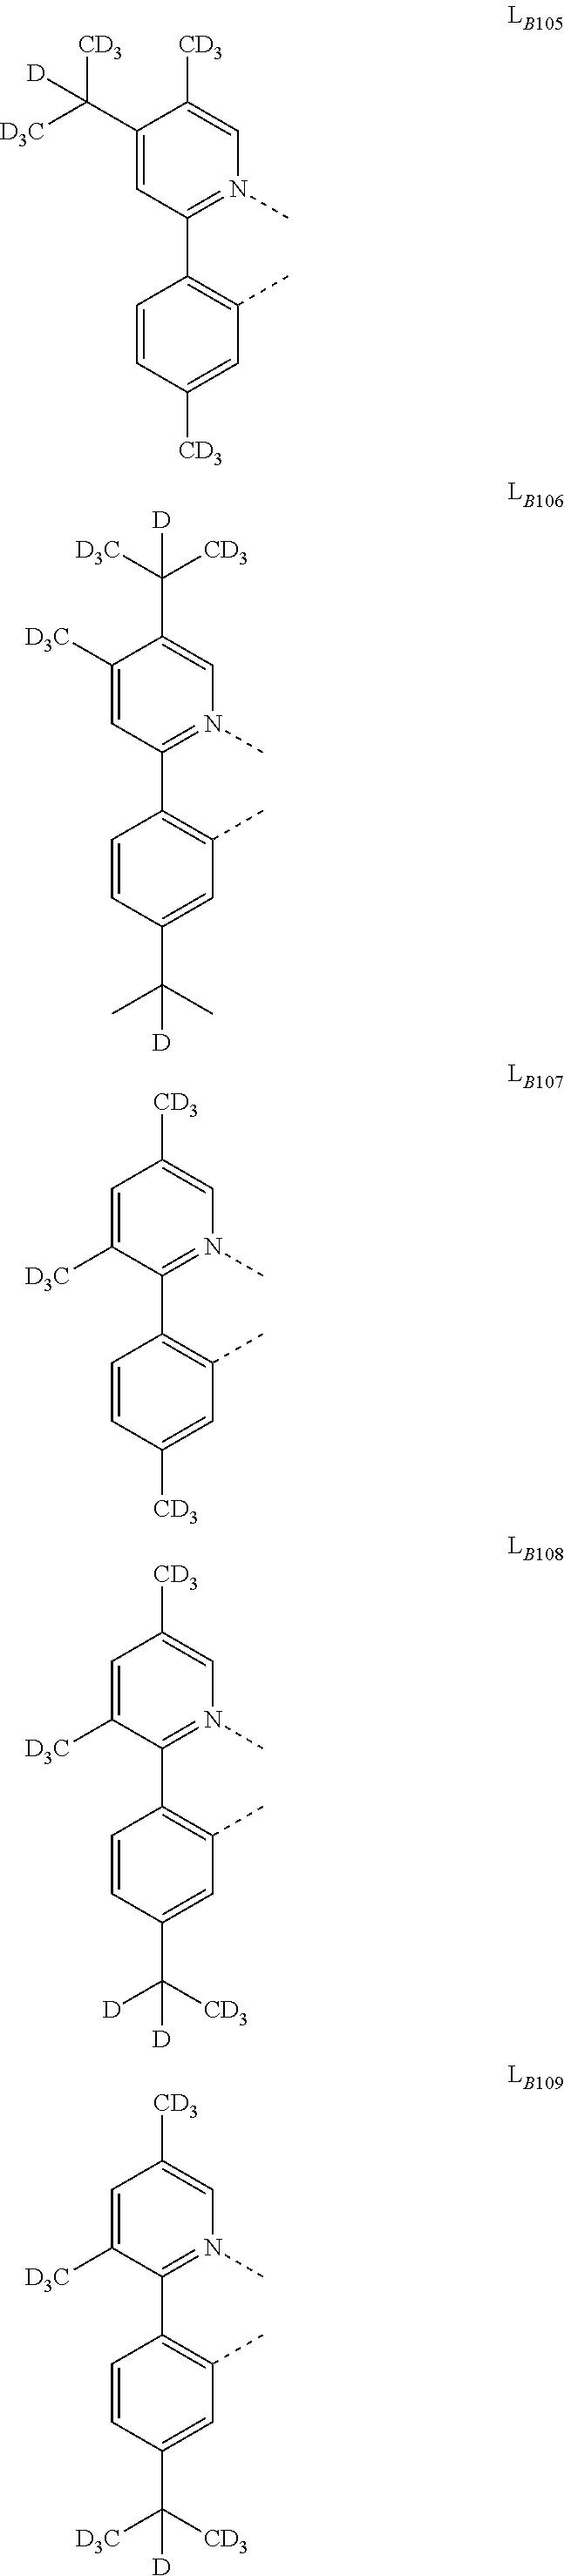 Figure US20180130962A1-20180510-C00086